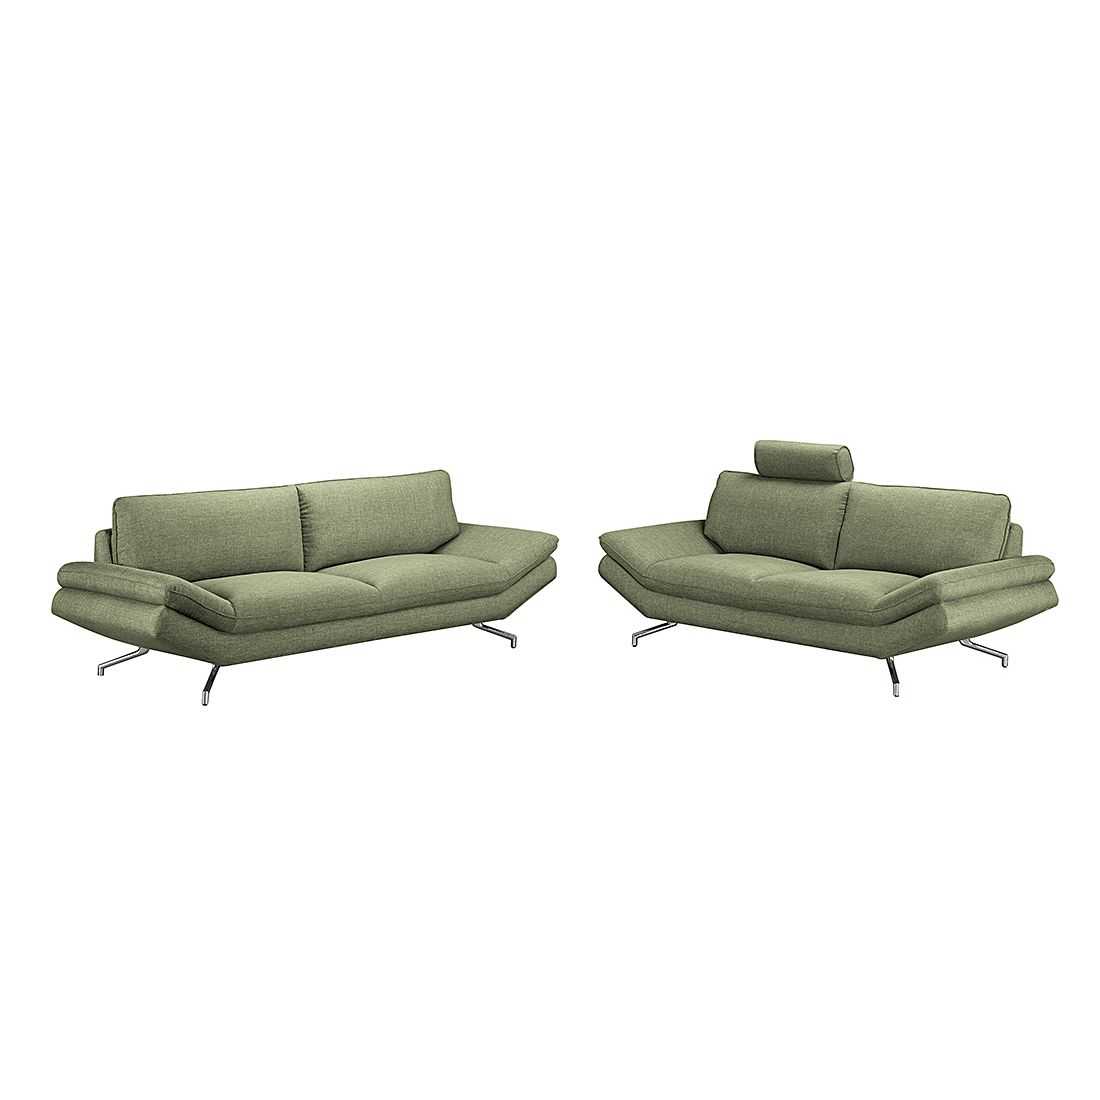 Meubelset Sharon (3 & 2,5-zitsbank) - groene geweven stof - met 2 hoofdsteunen, loftscape